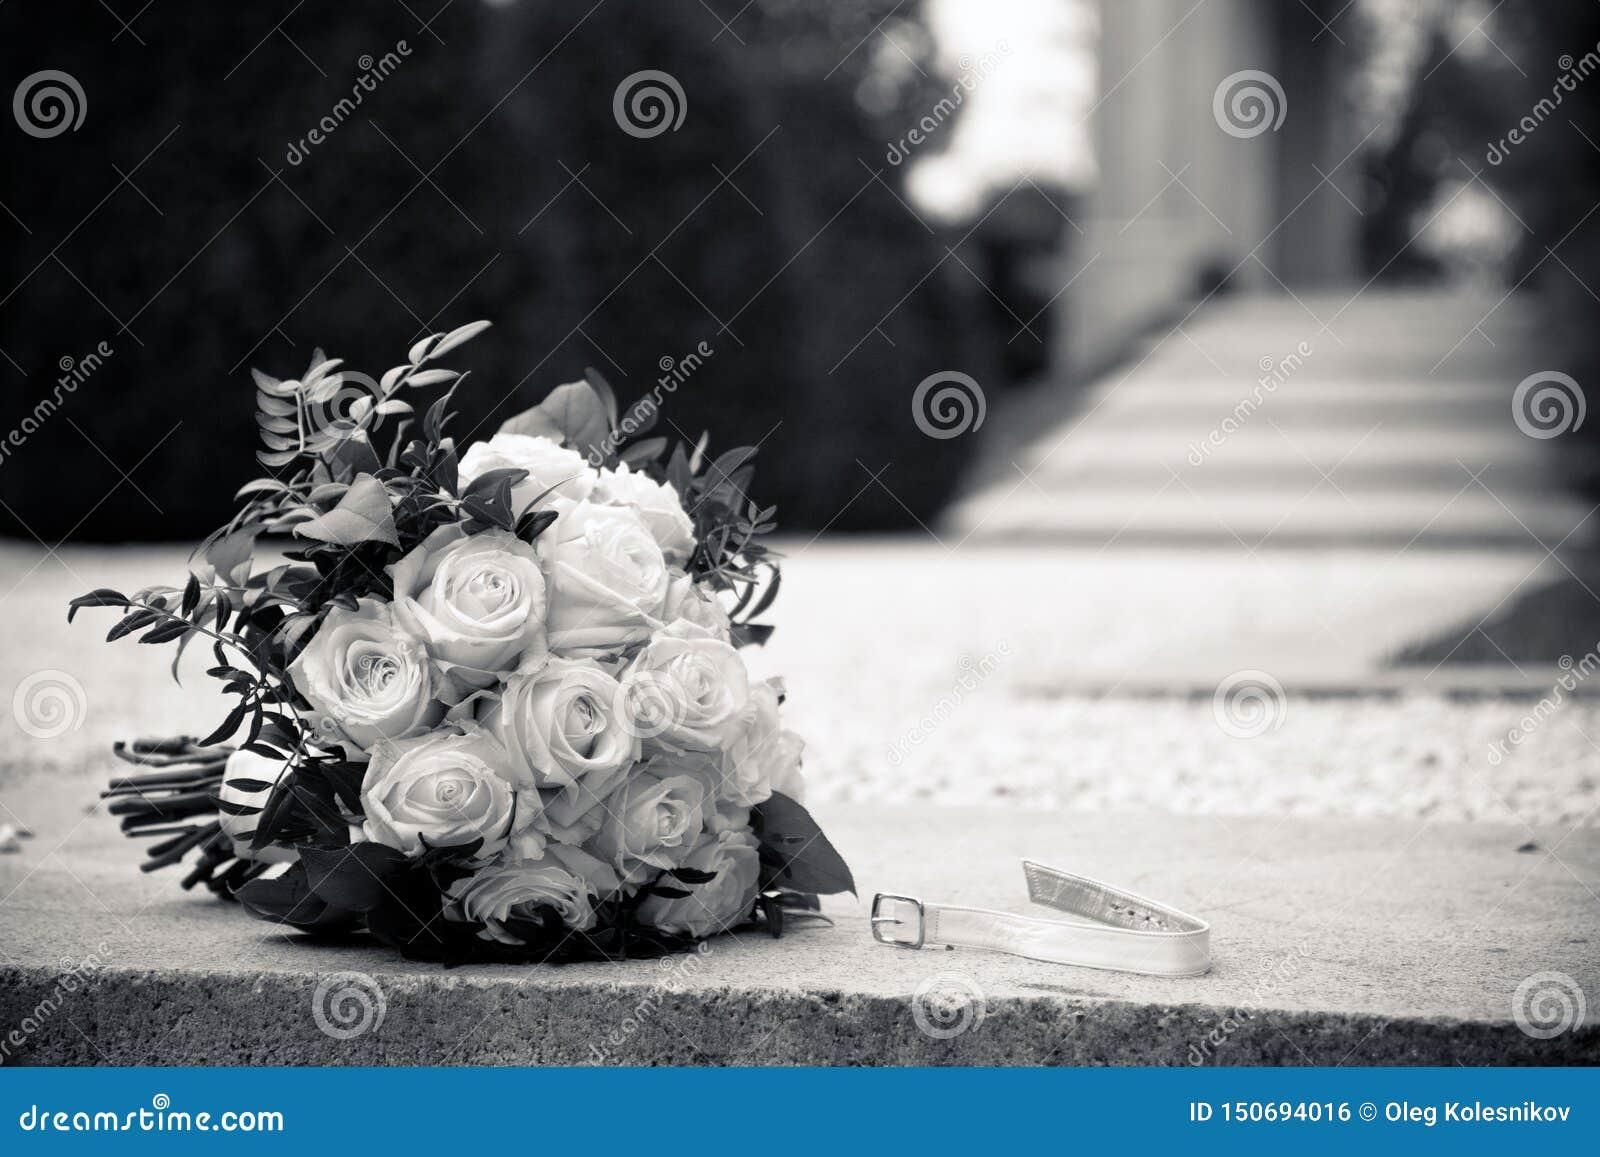 Un ramo de rosas blancas en un granito